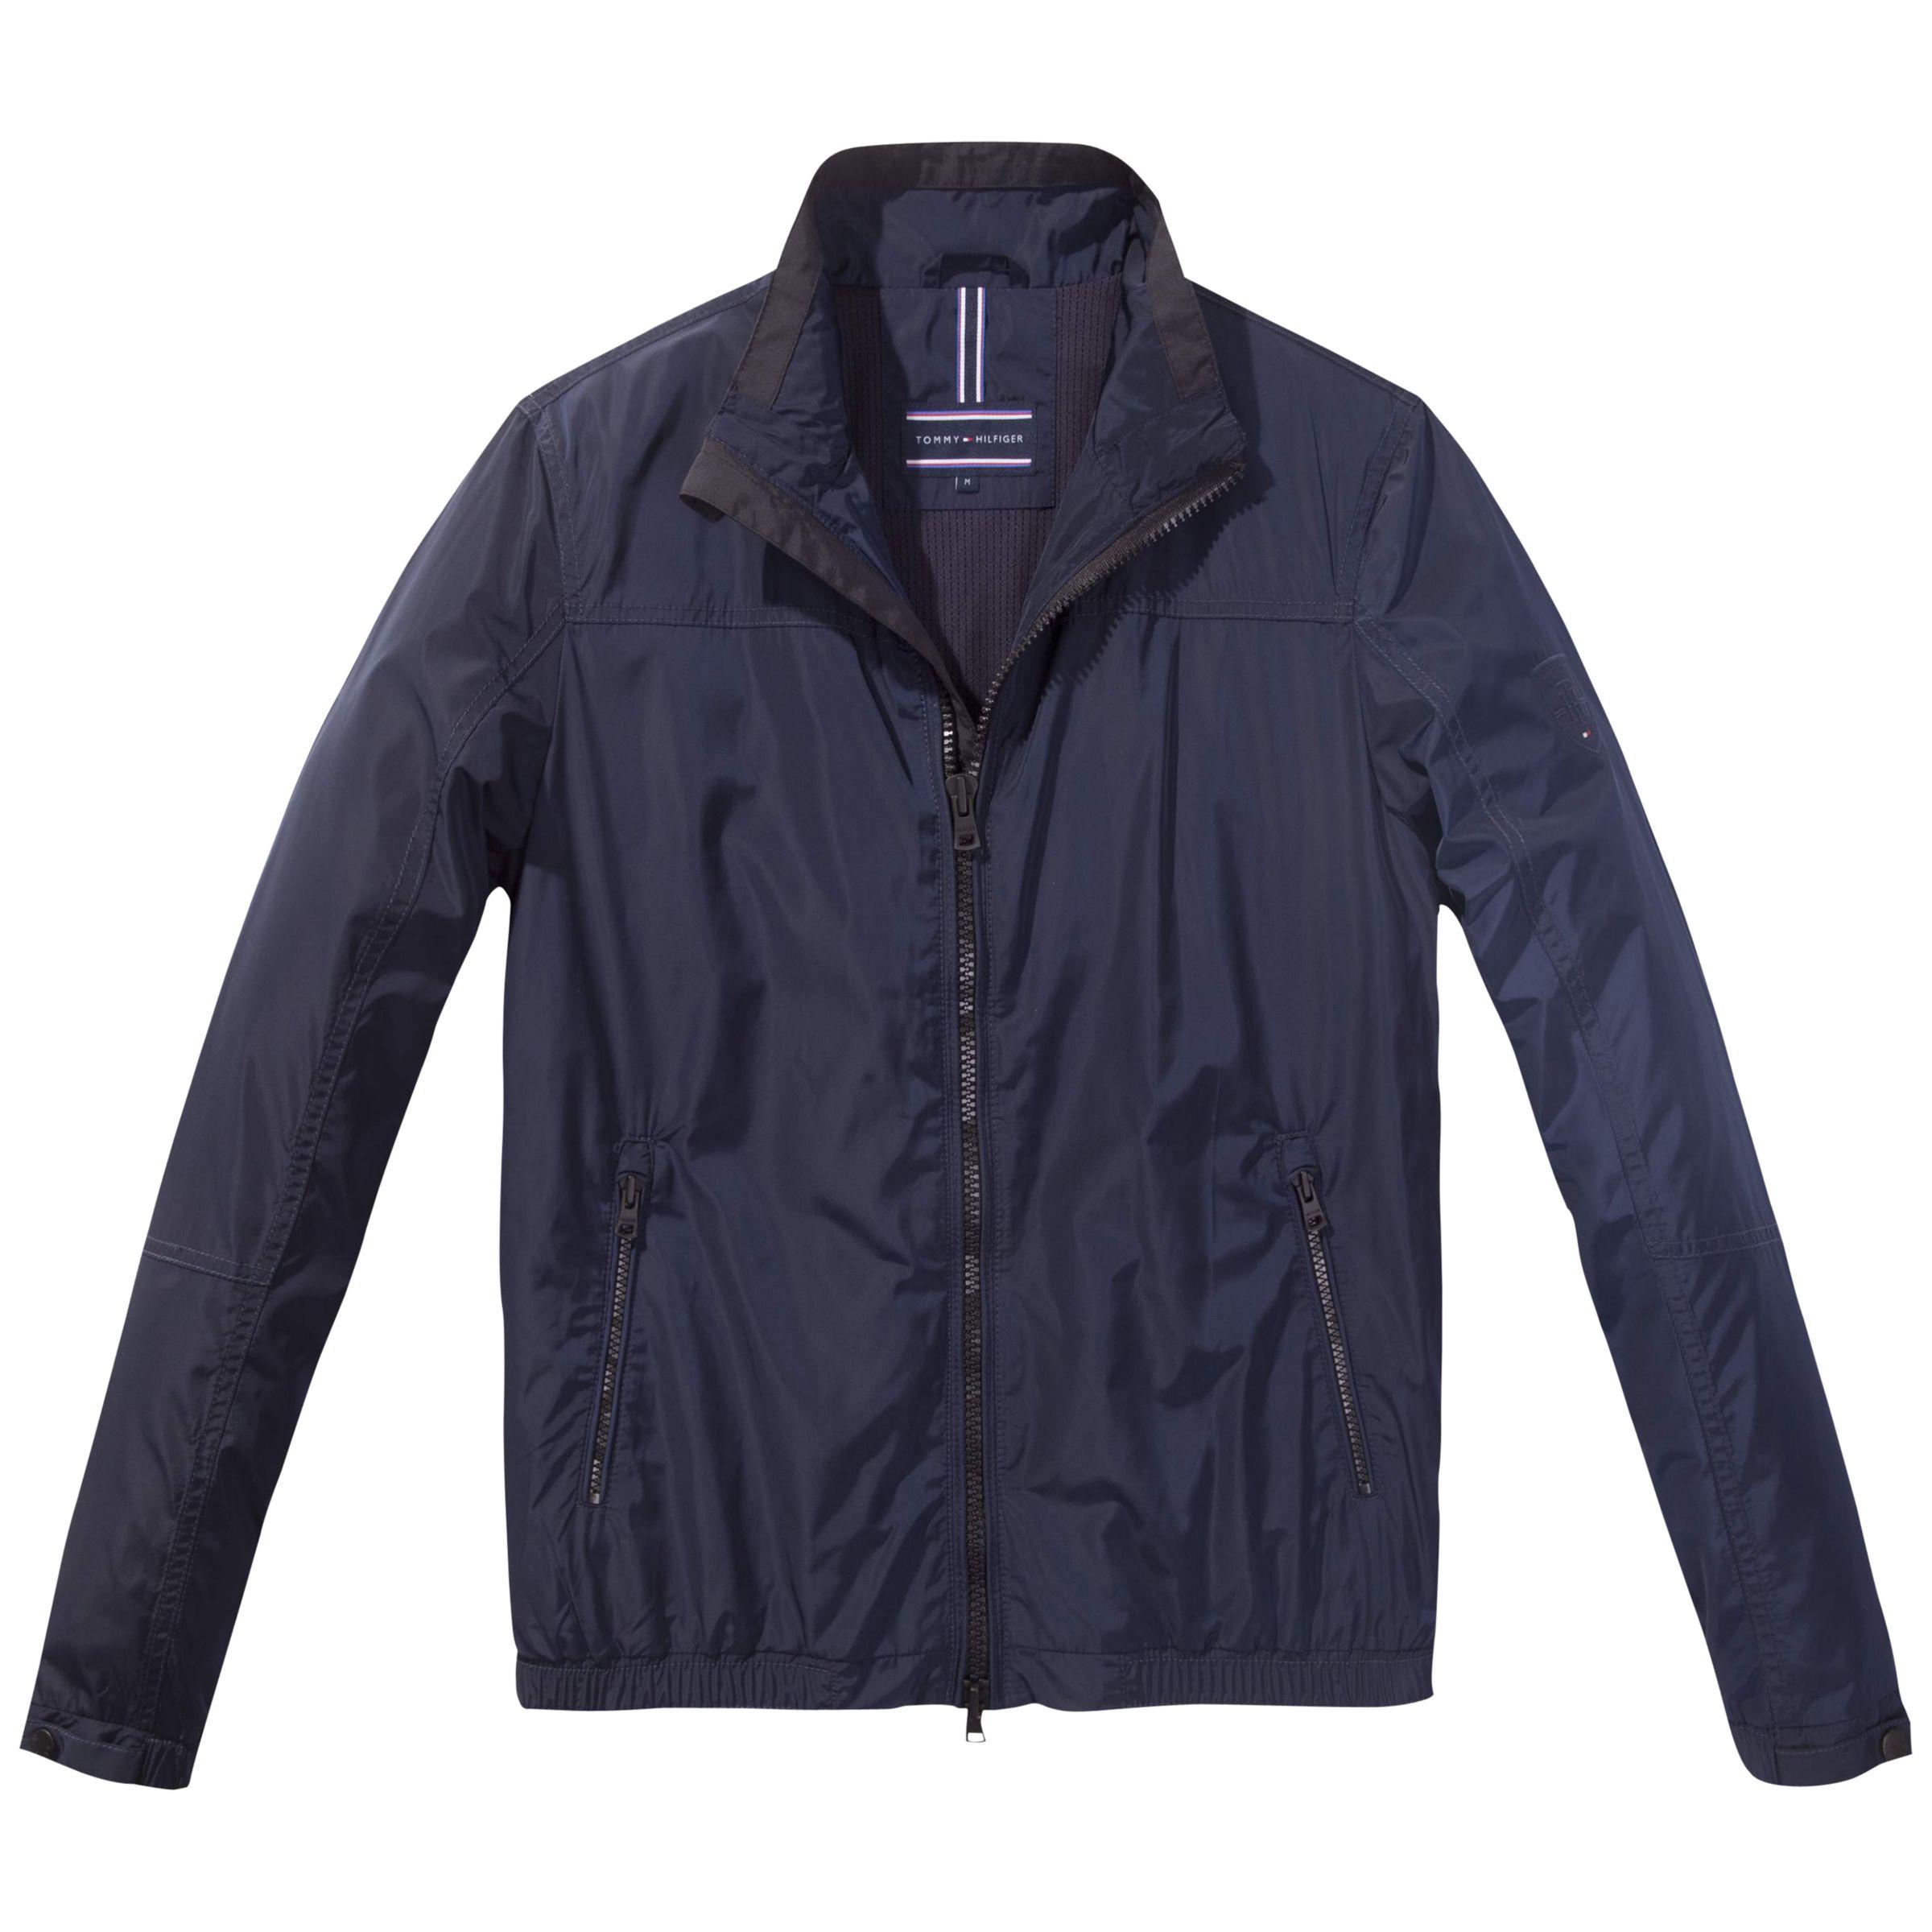 41693694d Tommy Hilfiger Bob Bomber Jacket | Navy Blazer at John Lewis & Partners